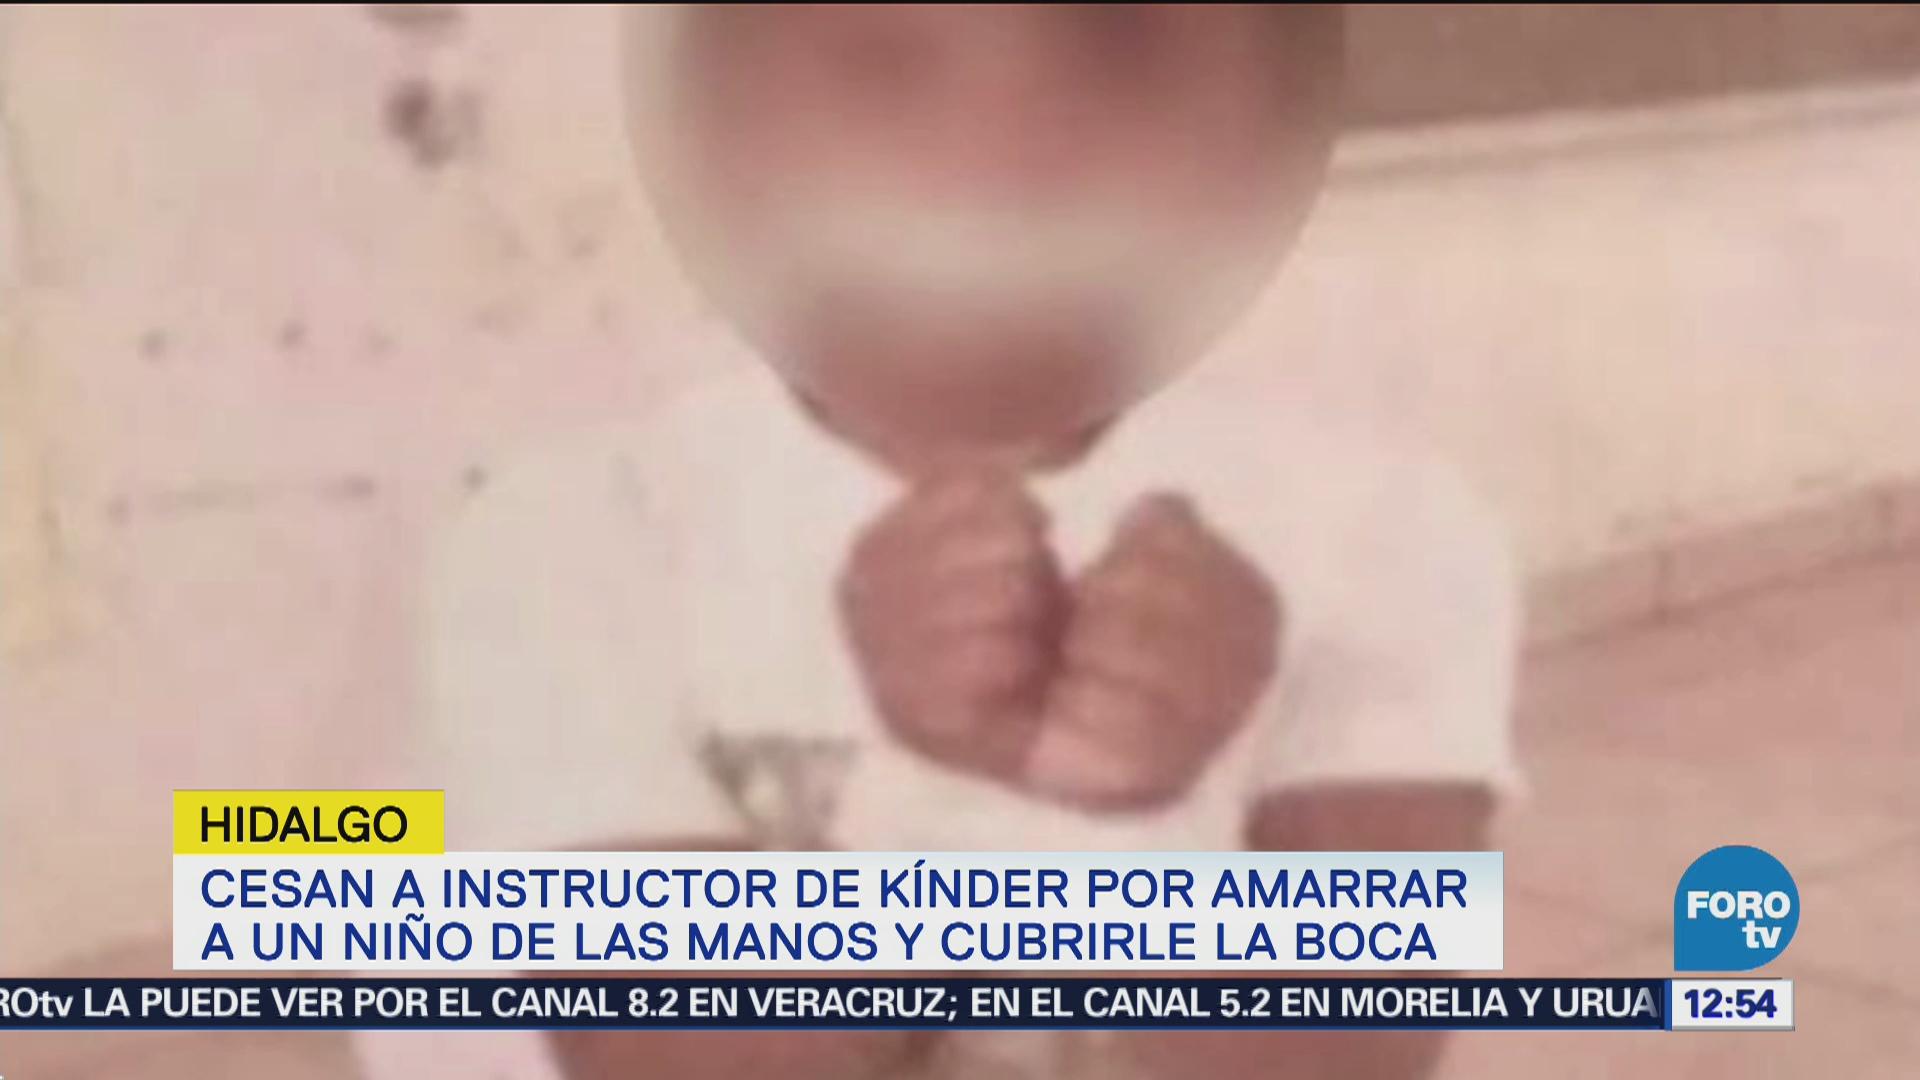 Destituyen a instructor que amarró a niño de kinder Hidalgo